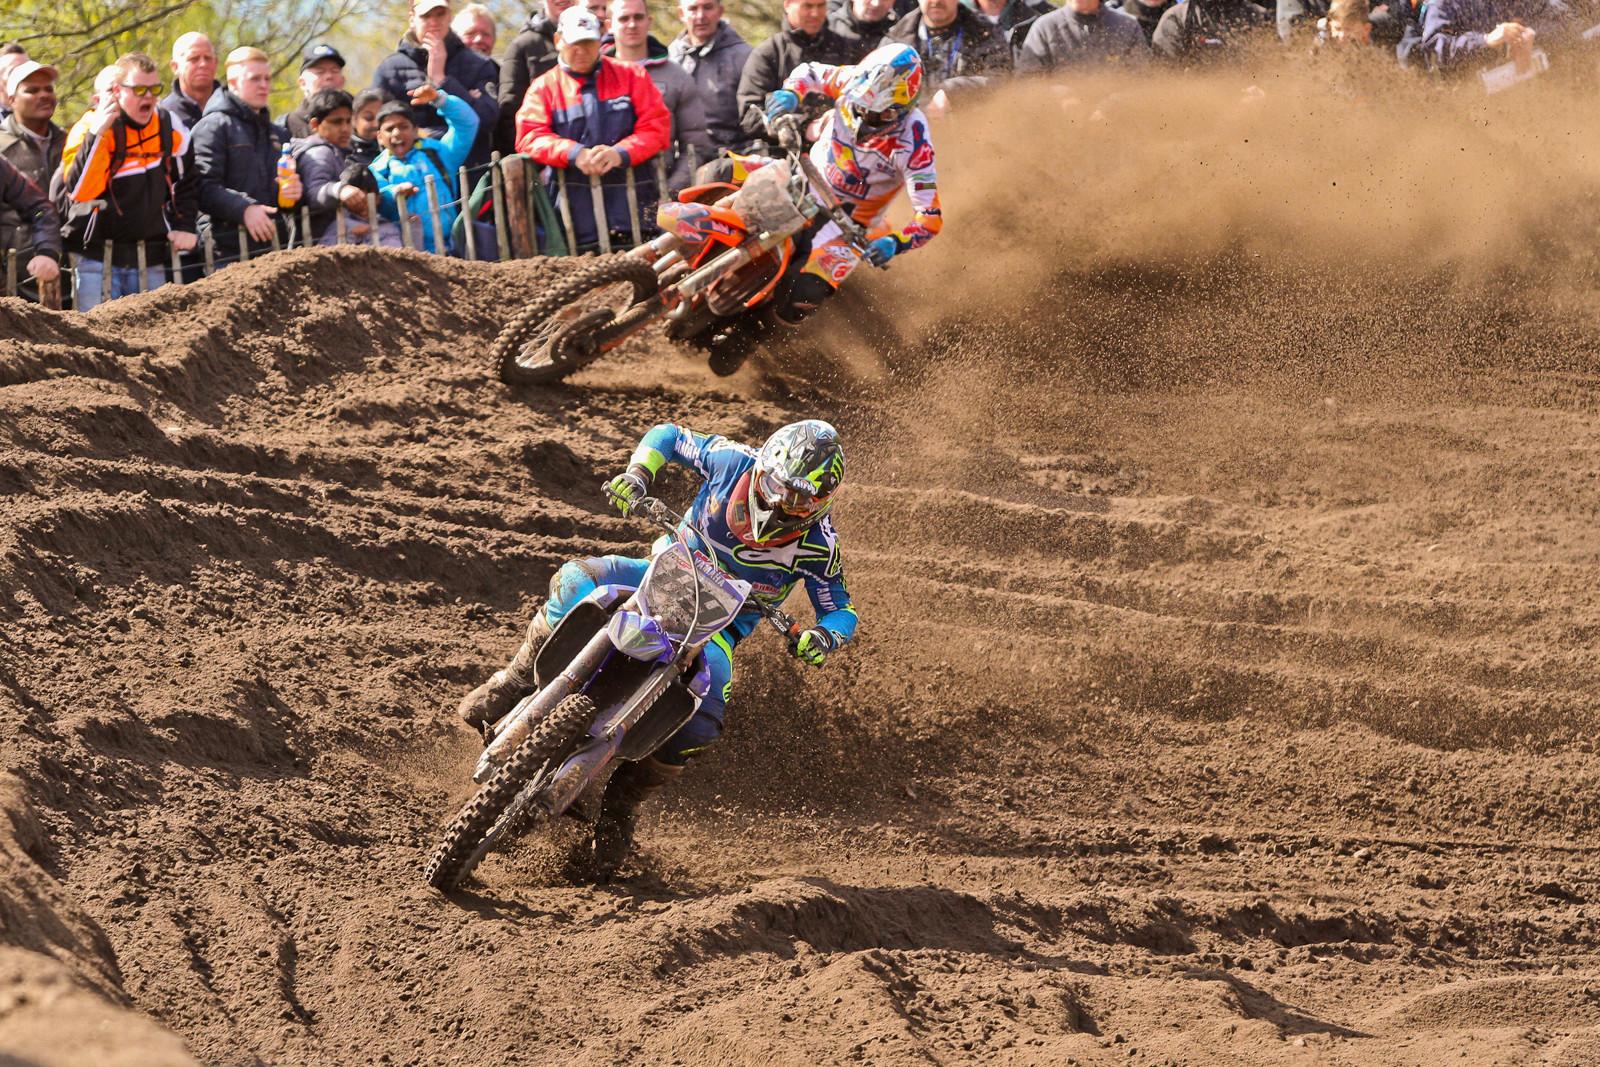 Jeremy van Horebeek / Jeffrey Herlings - Photo Blast: 2017 MXGP of Valkenswaard - Motocross Pictures - Vital MX